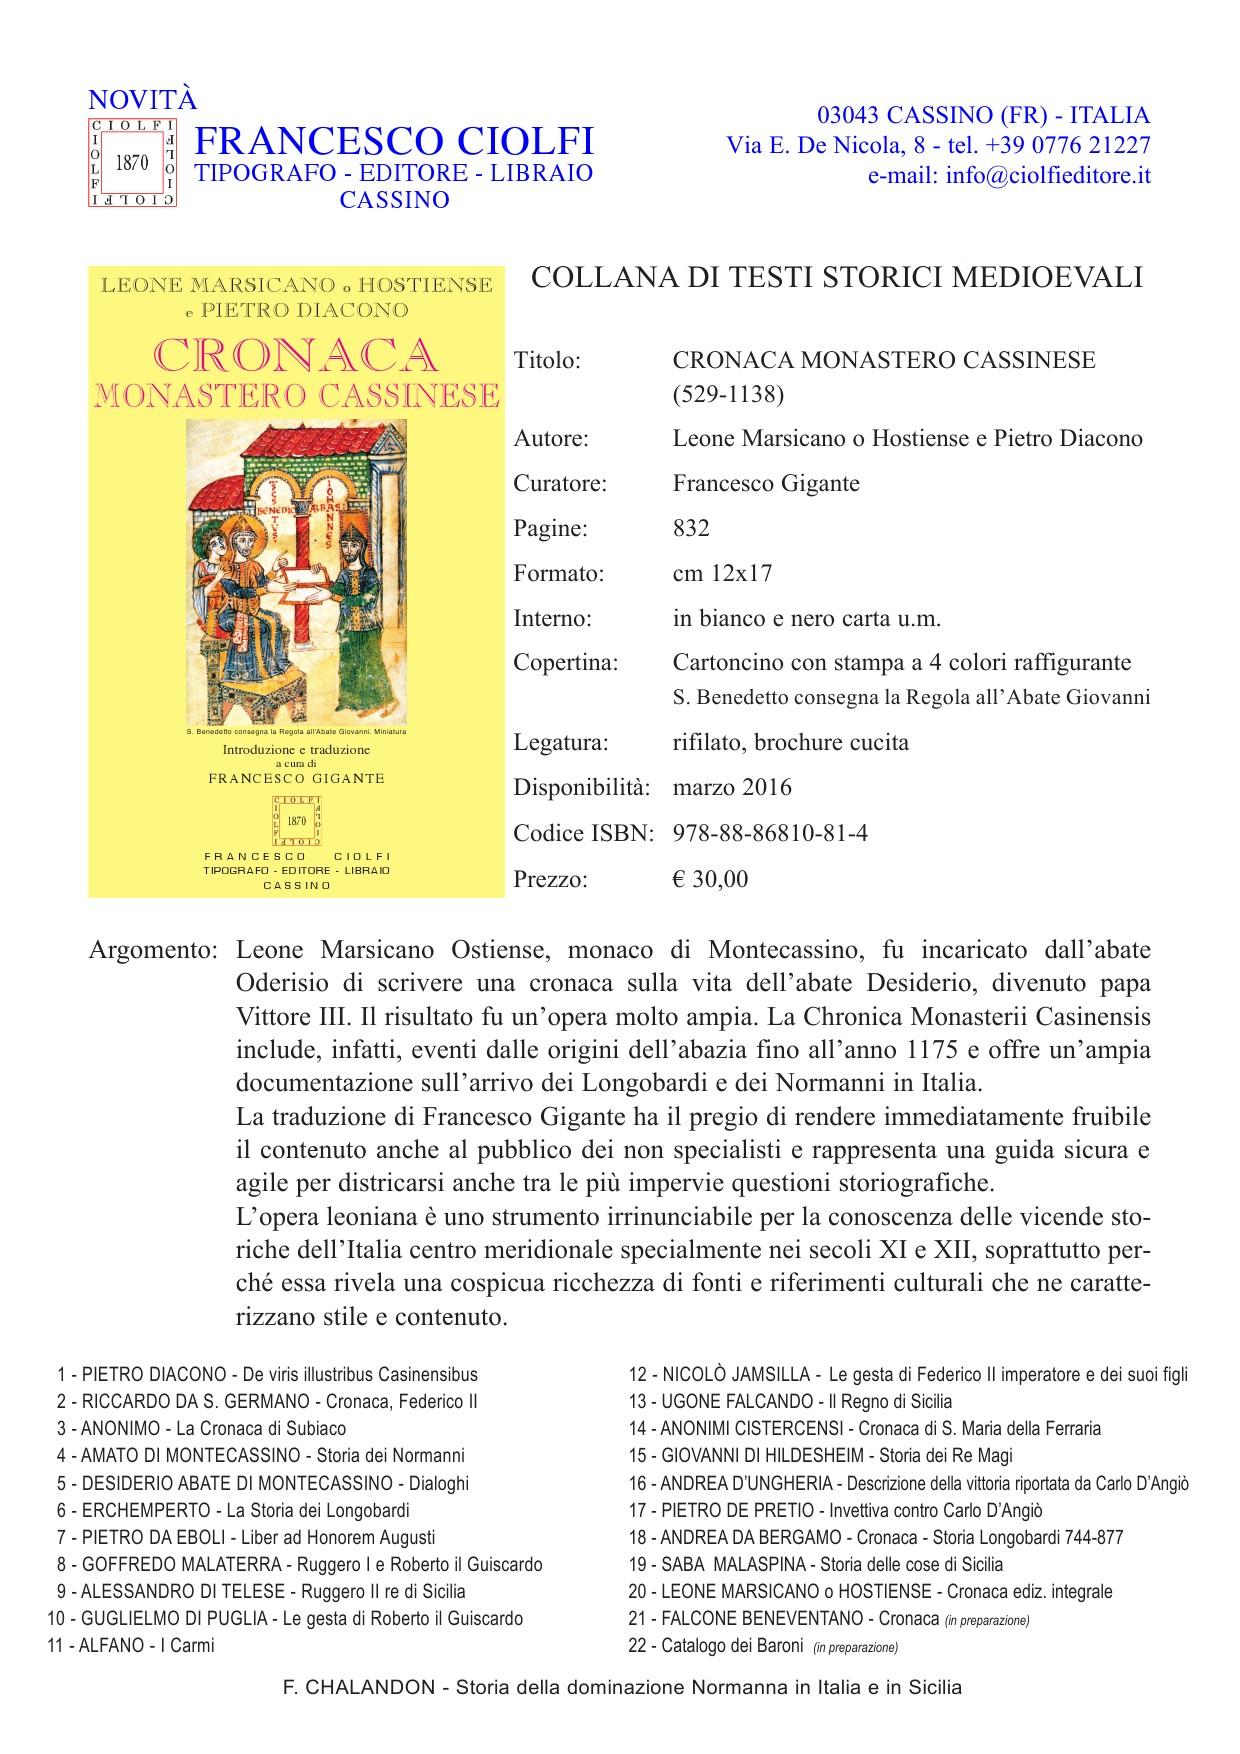 scheda-leonemarsicano-1